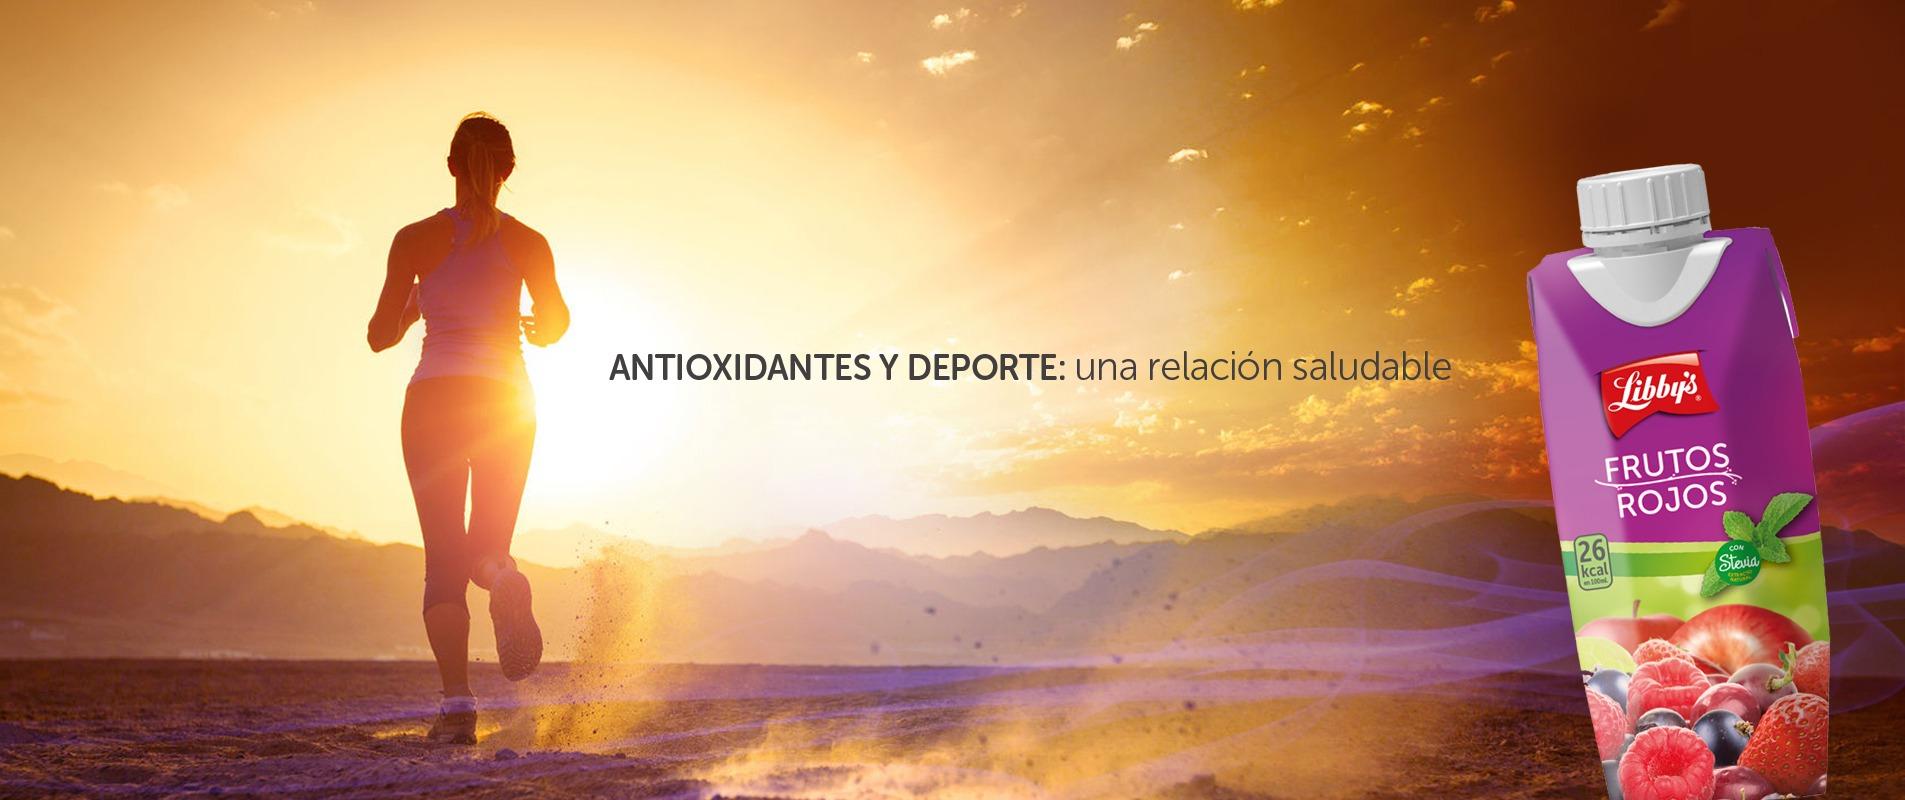 Antioxidantes y deporte